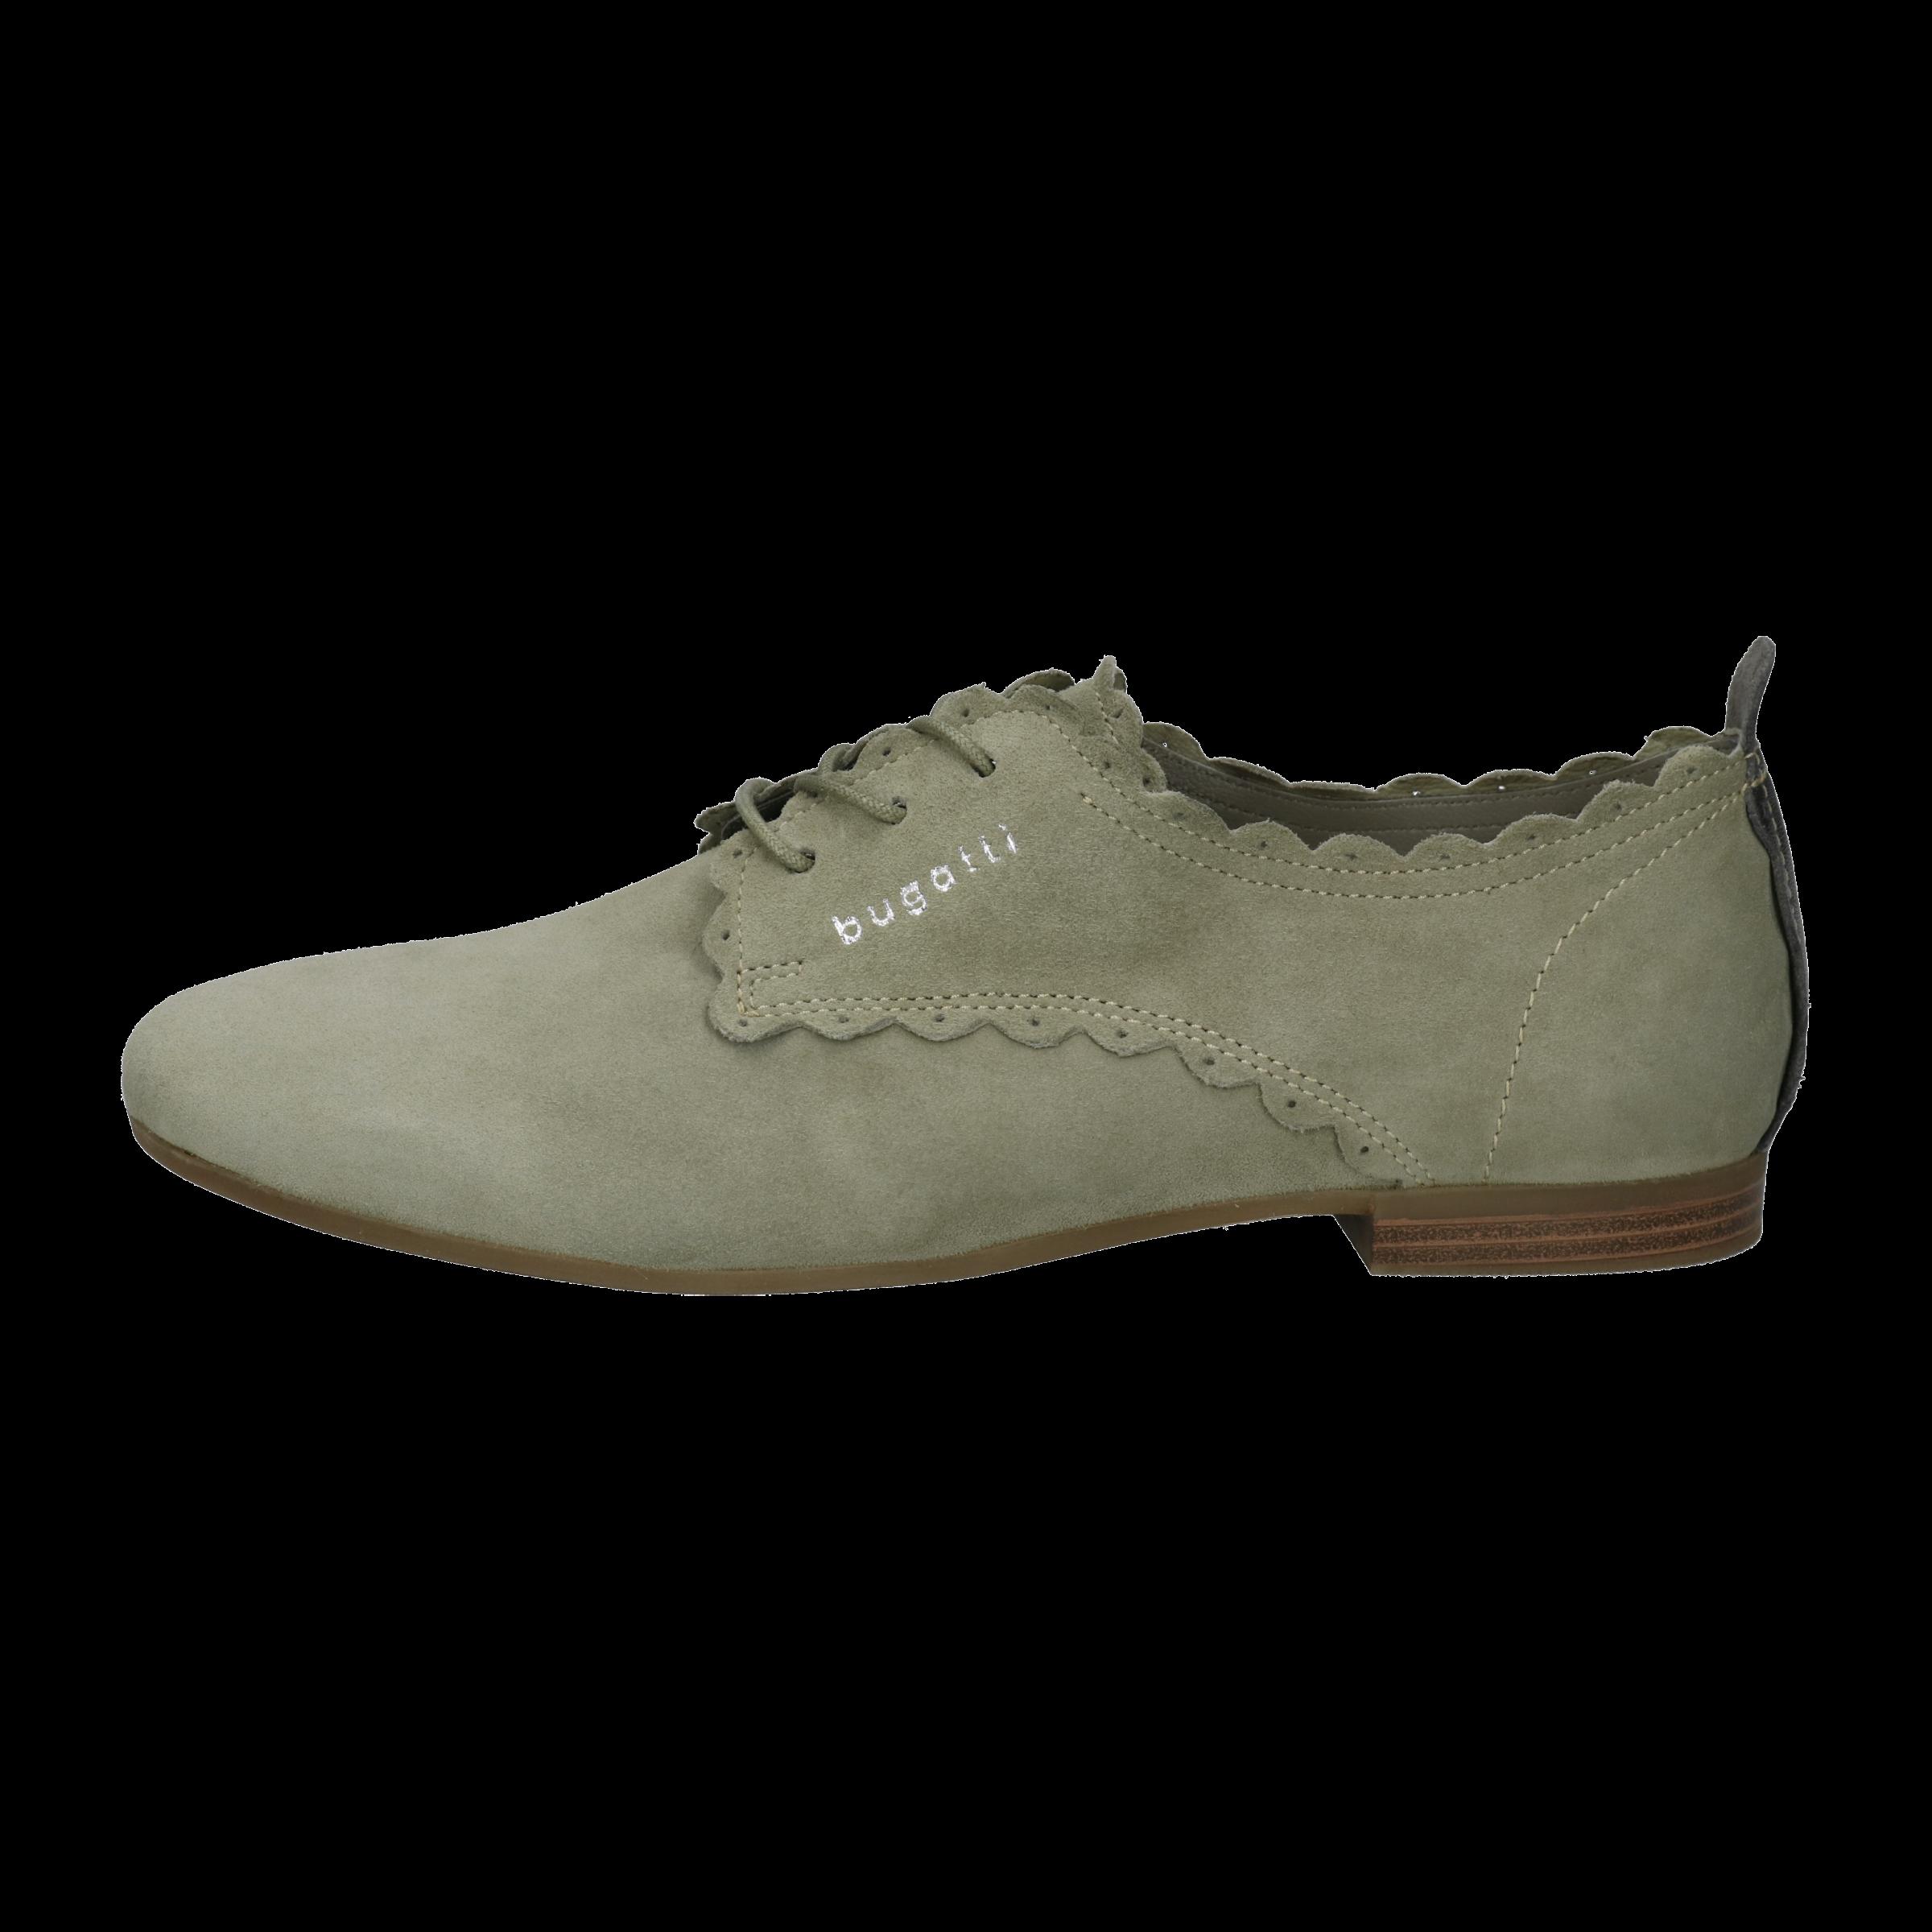 Light green Metallics loafers - bugatti muse SS21 - 411-91201-3449-7290_002